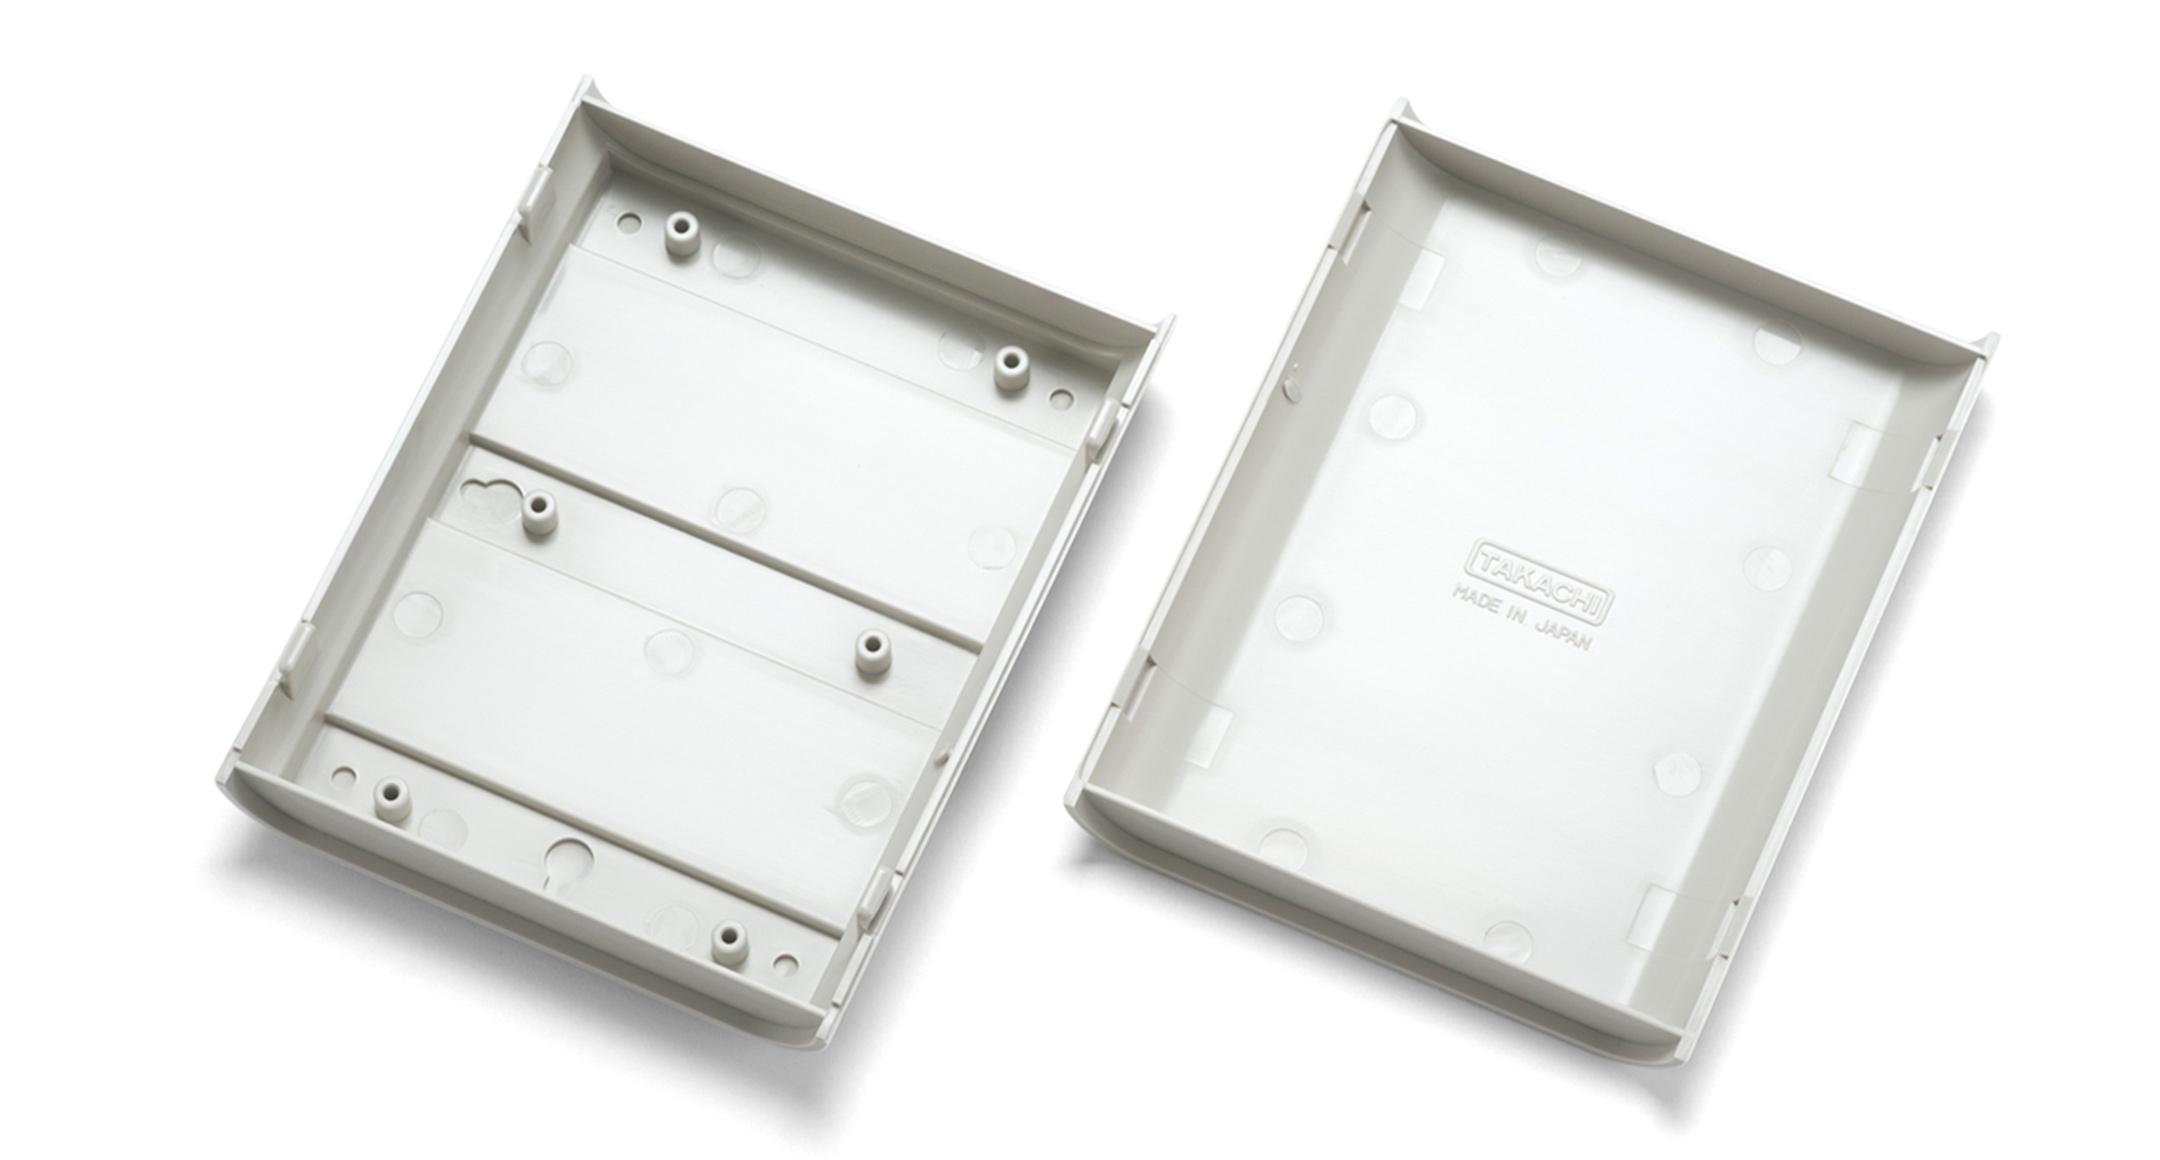 ネットワークプラスチックケース SUシリーズの画像